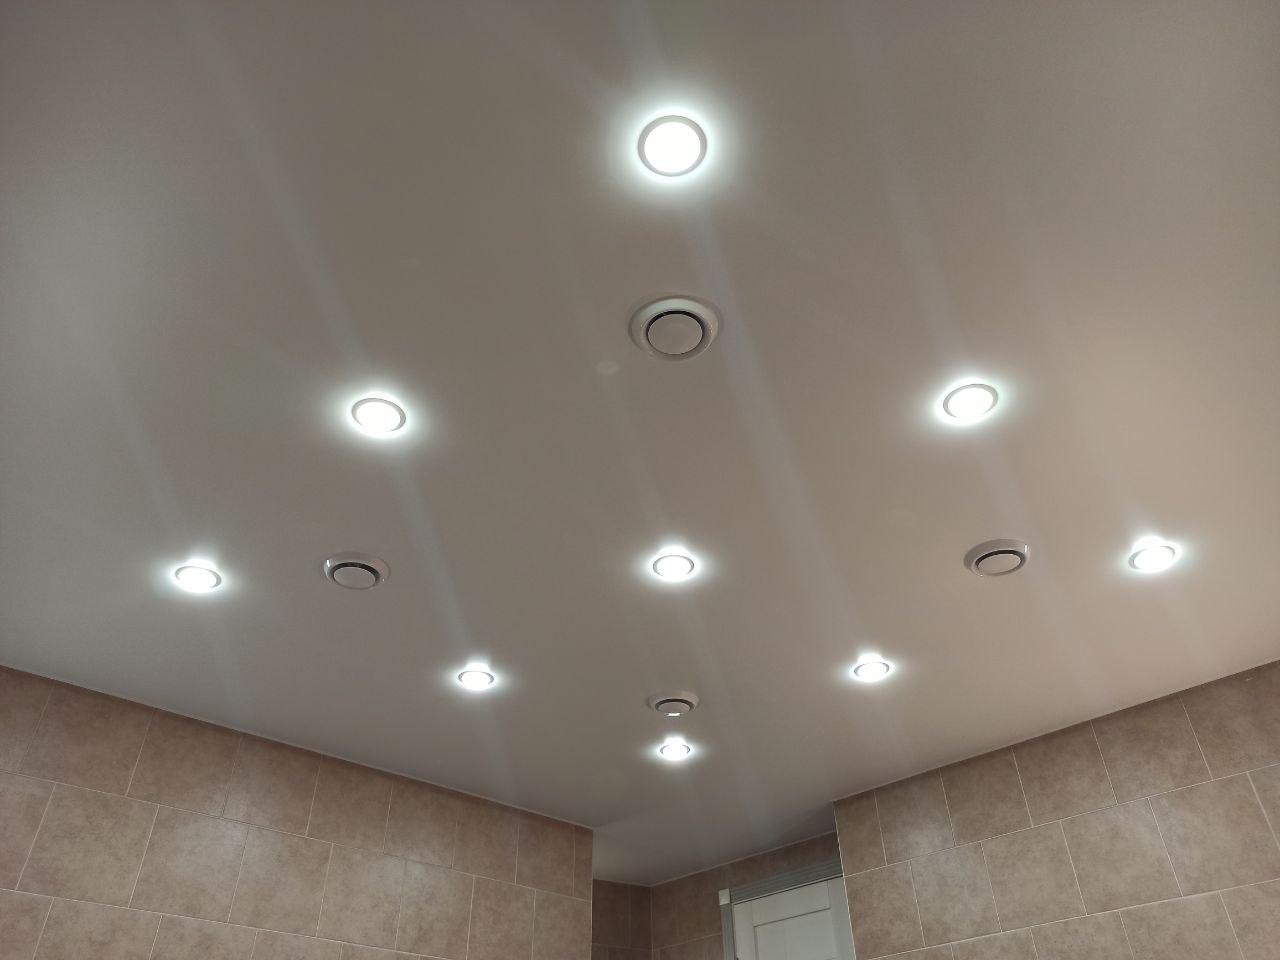 Матовый натяжной потолок в ванной комнате со светильниками.